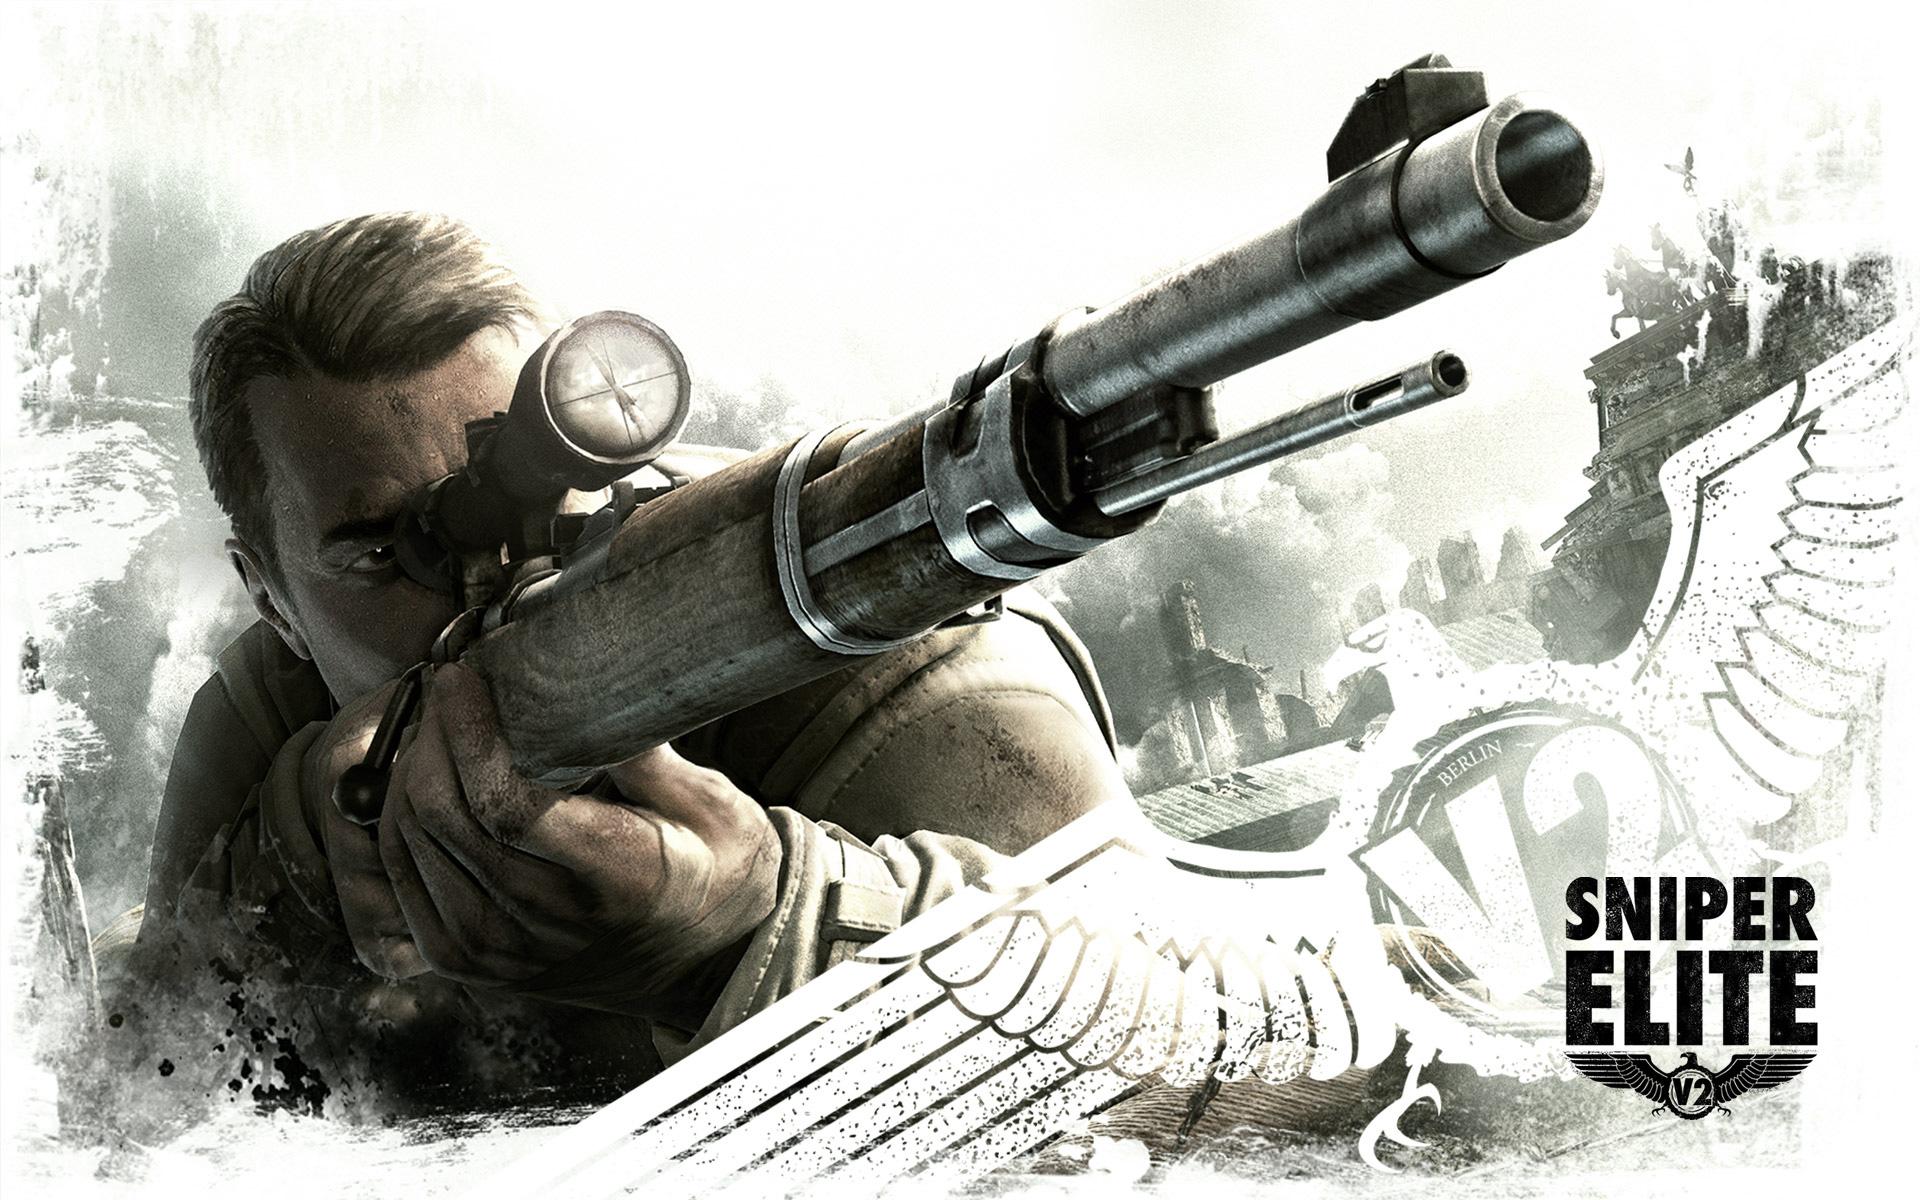 Free Sniper Elite V2 Wallpaper in 1920x1200